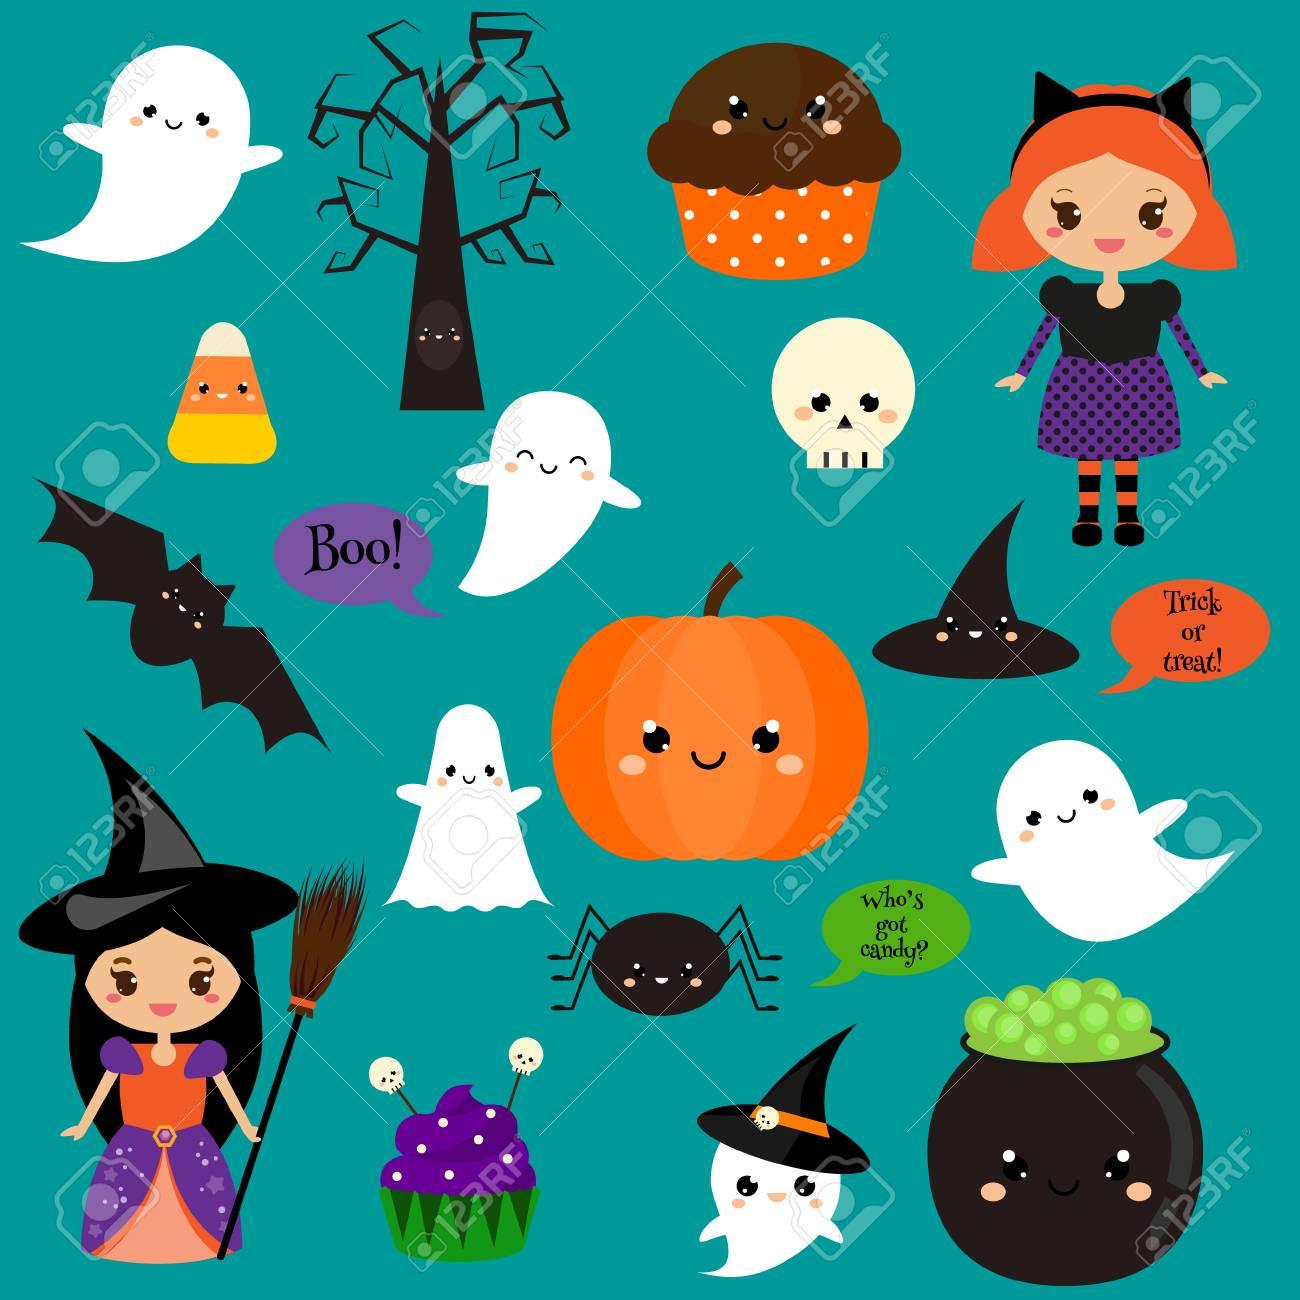 Autocollants D Halloween Patches Badges Citrouille Mignon Fantômes Enfants Et Autres Symboles De Vacances Dans Le Style Kawaii éléments De